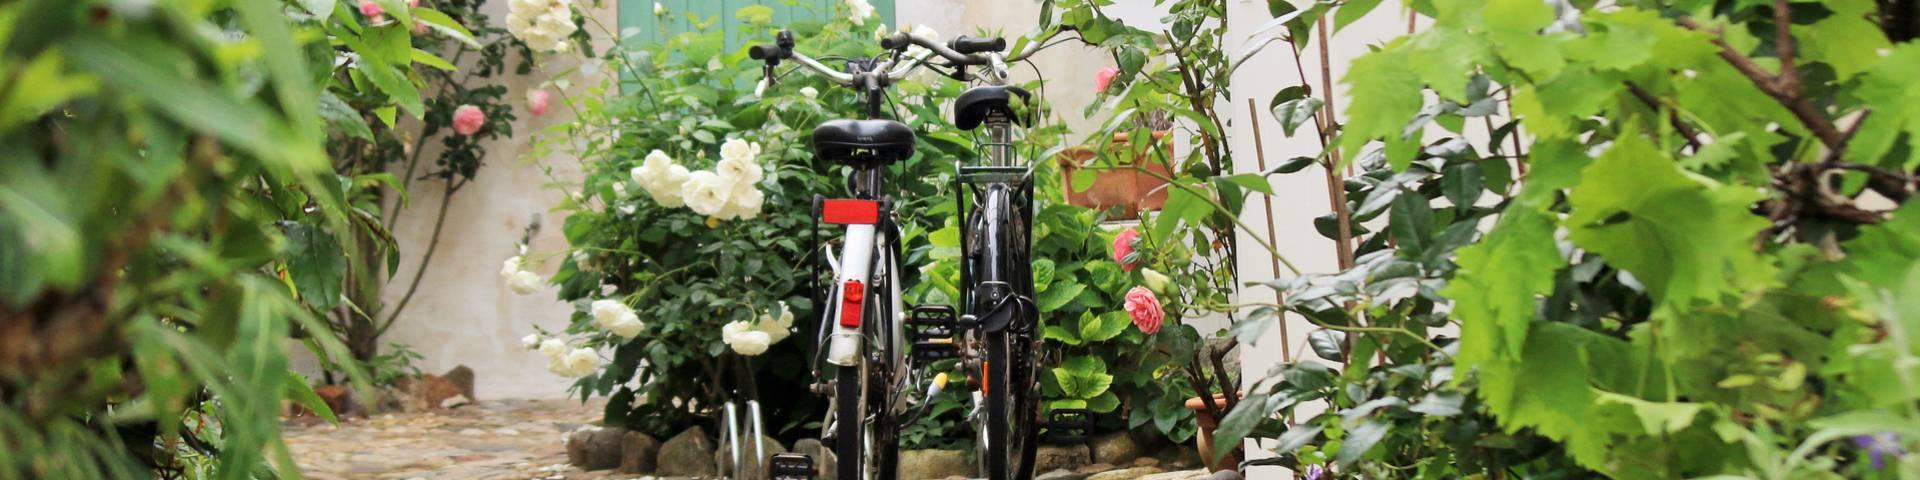 Bike rentals in Loix